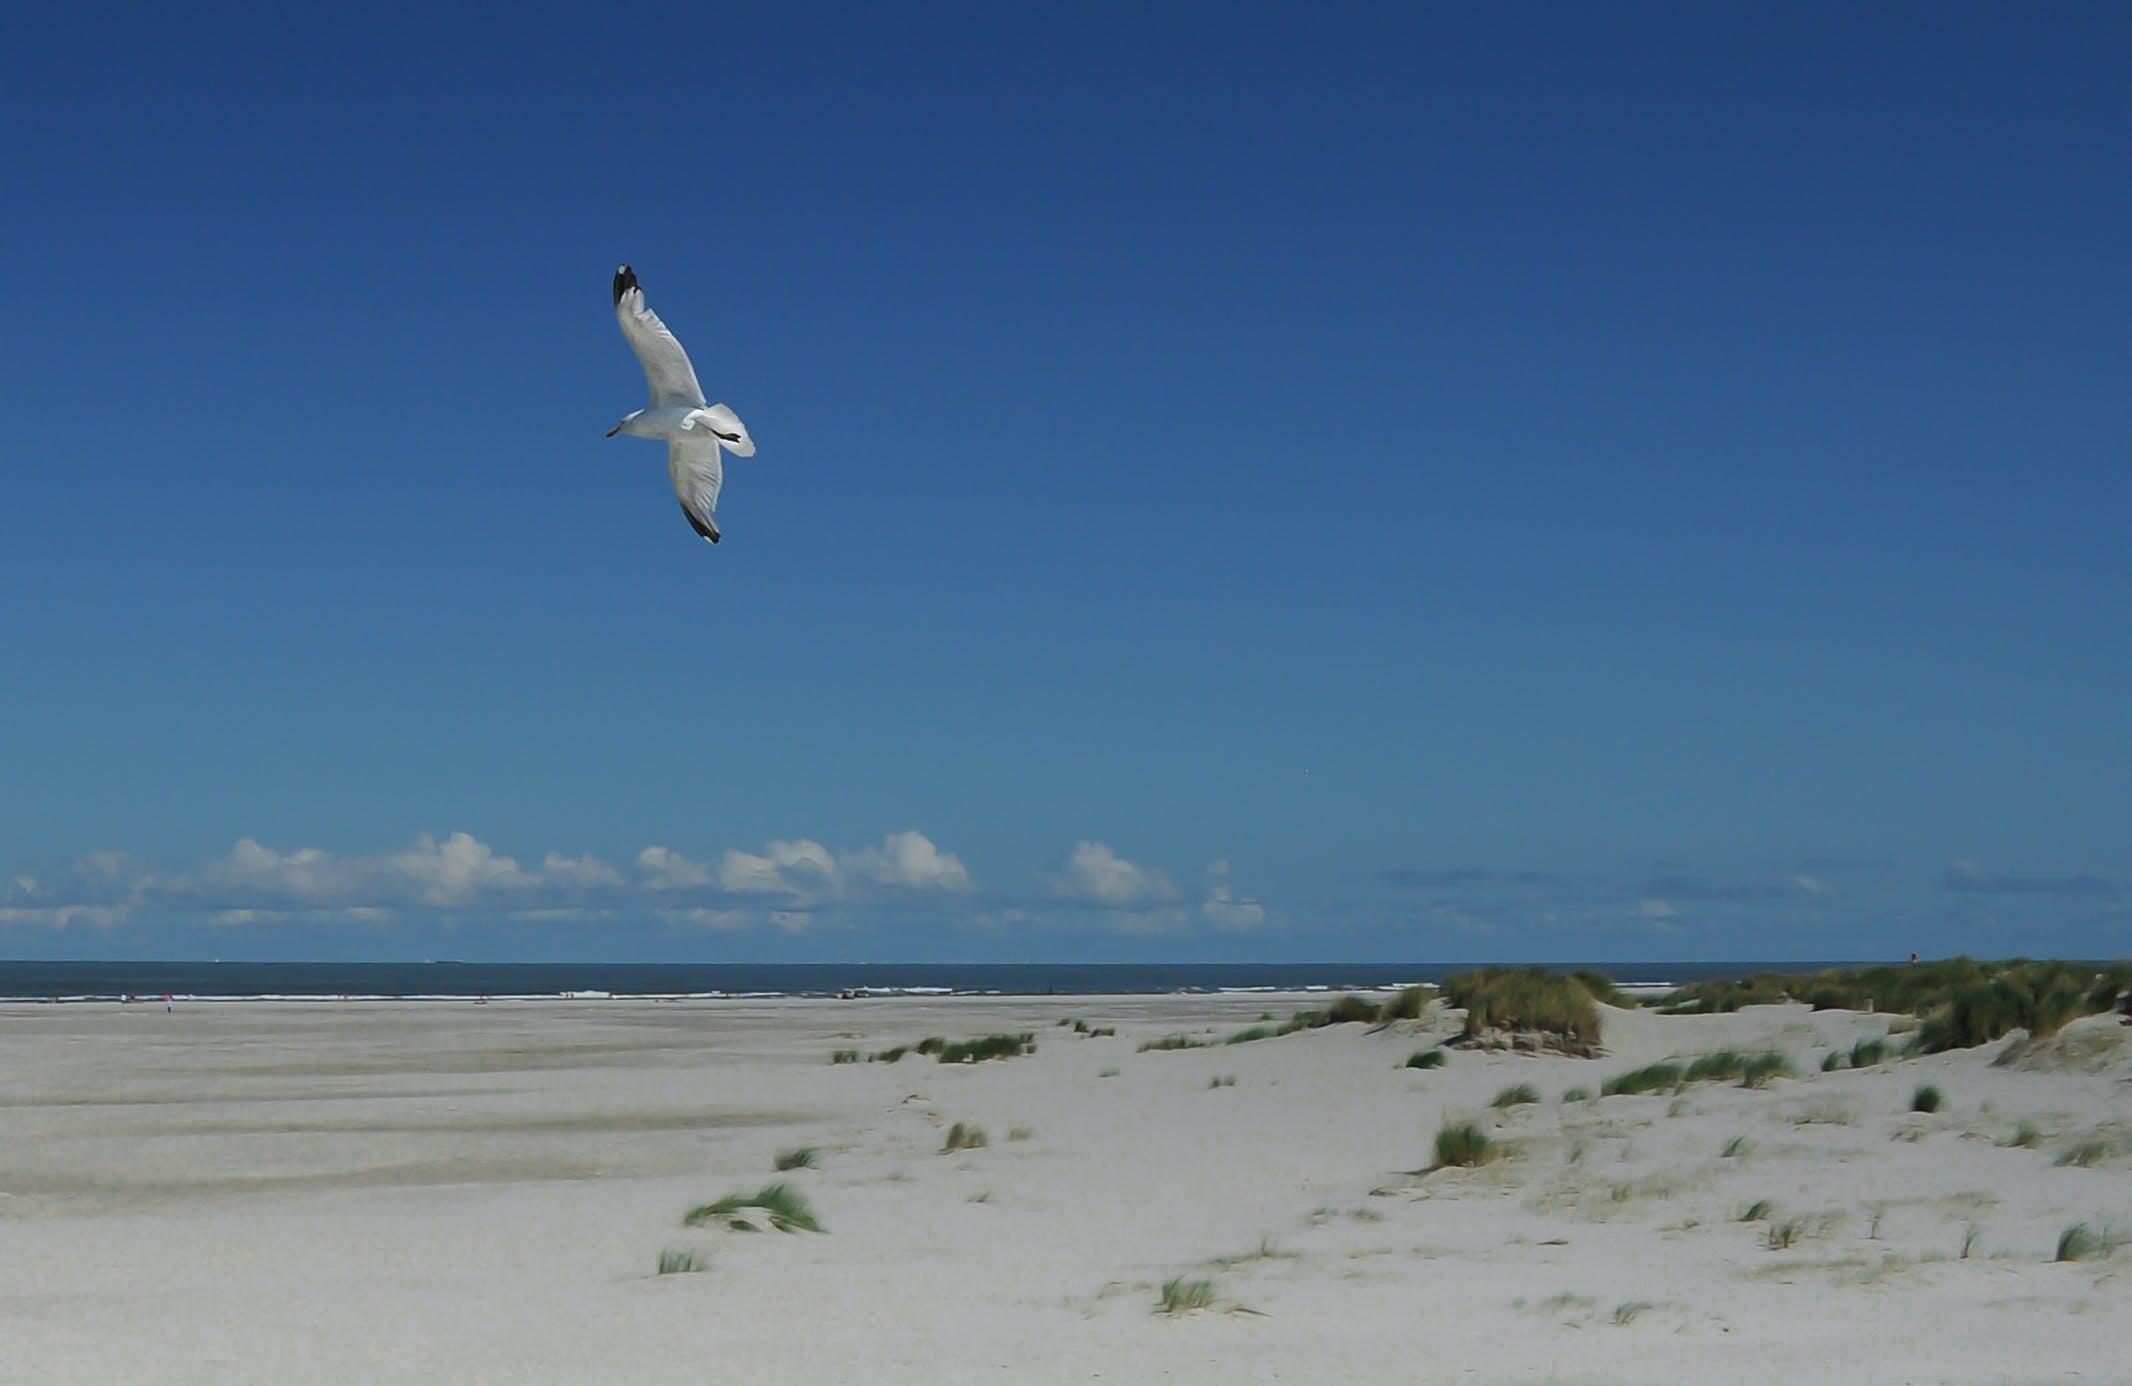 Kostenloses Stock Foto zu vogel, fliegen, strand, möwe